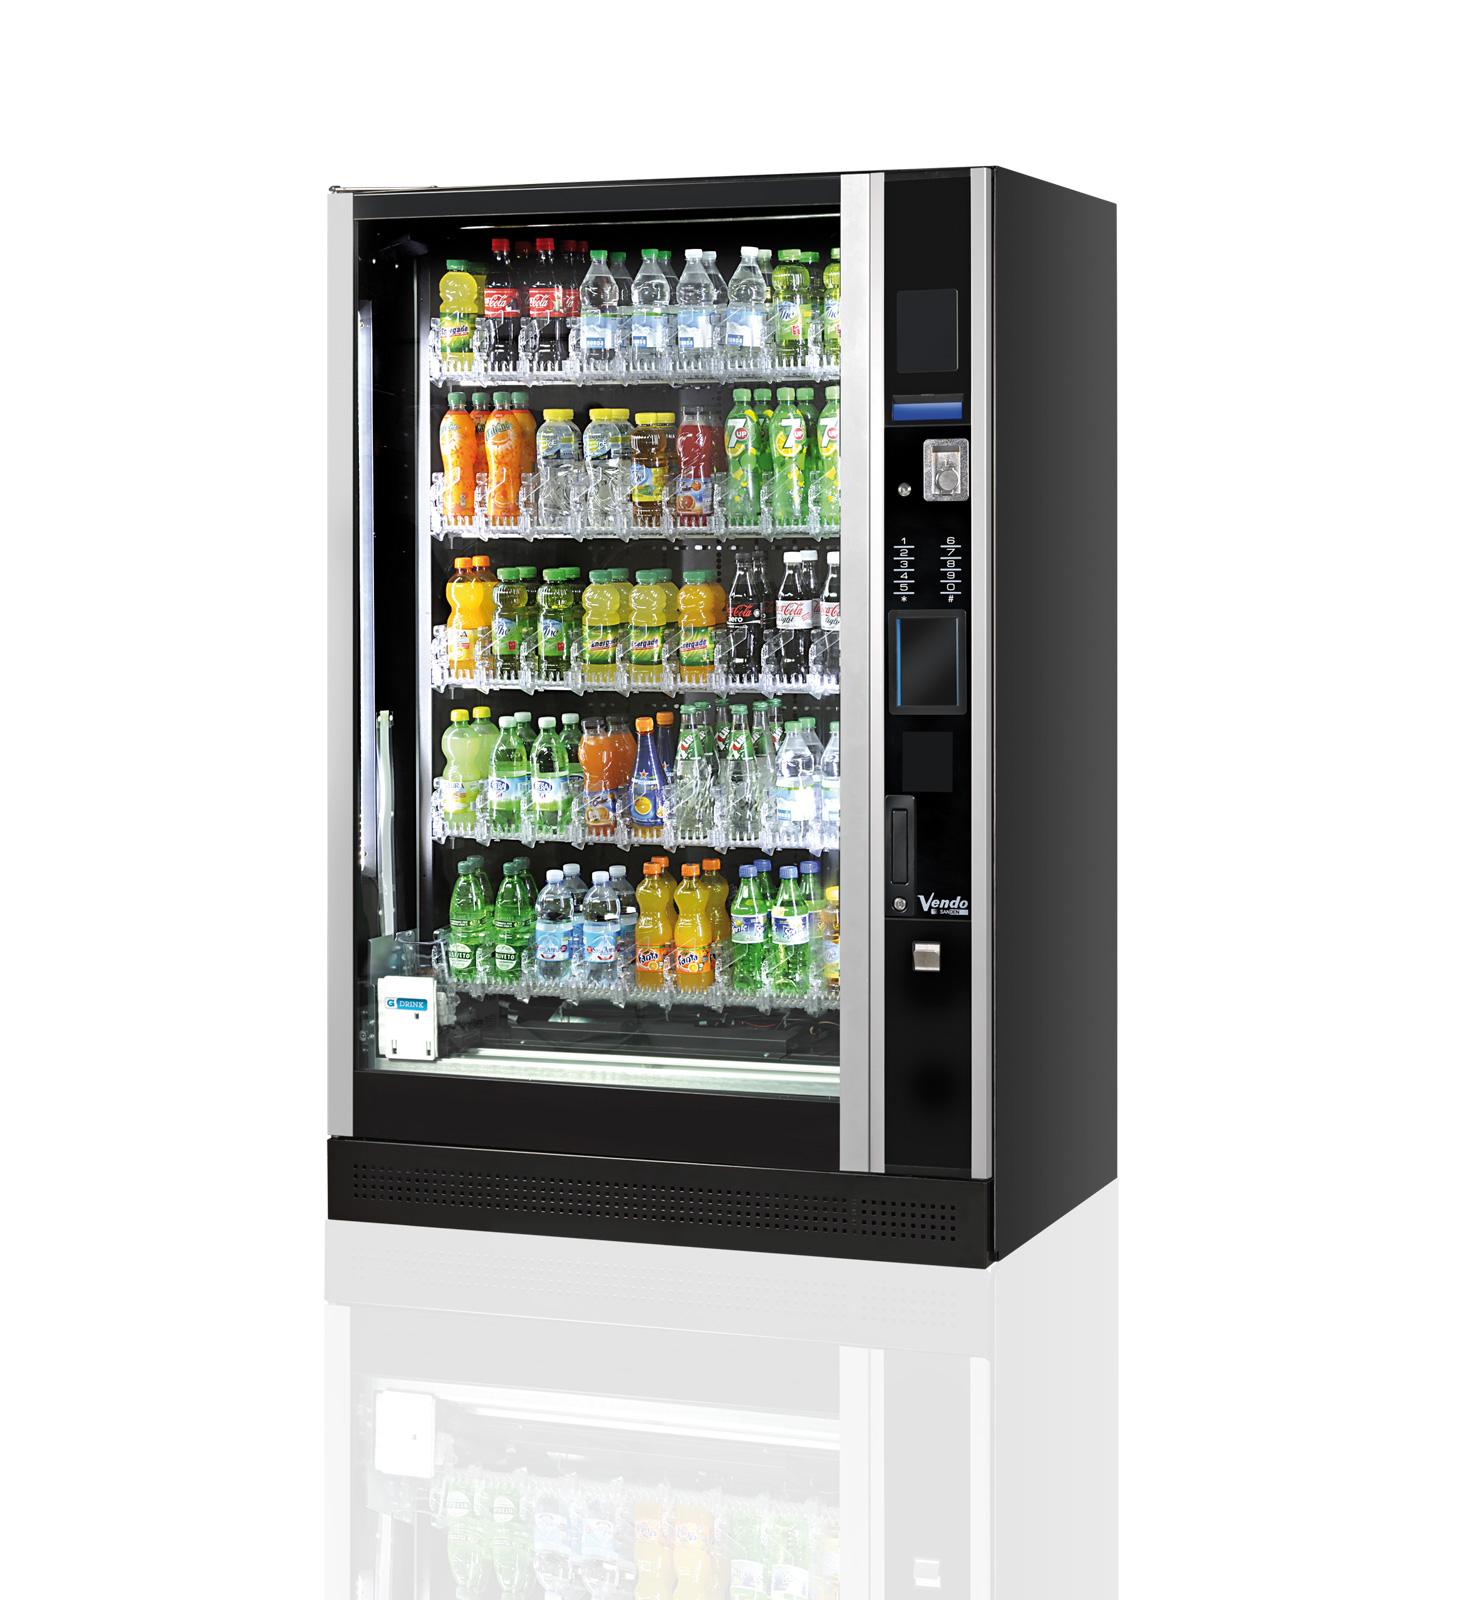 distributeur automatique de boissons fra ches. Black Bedroom Furniture Sets. Home Design Ideas